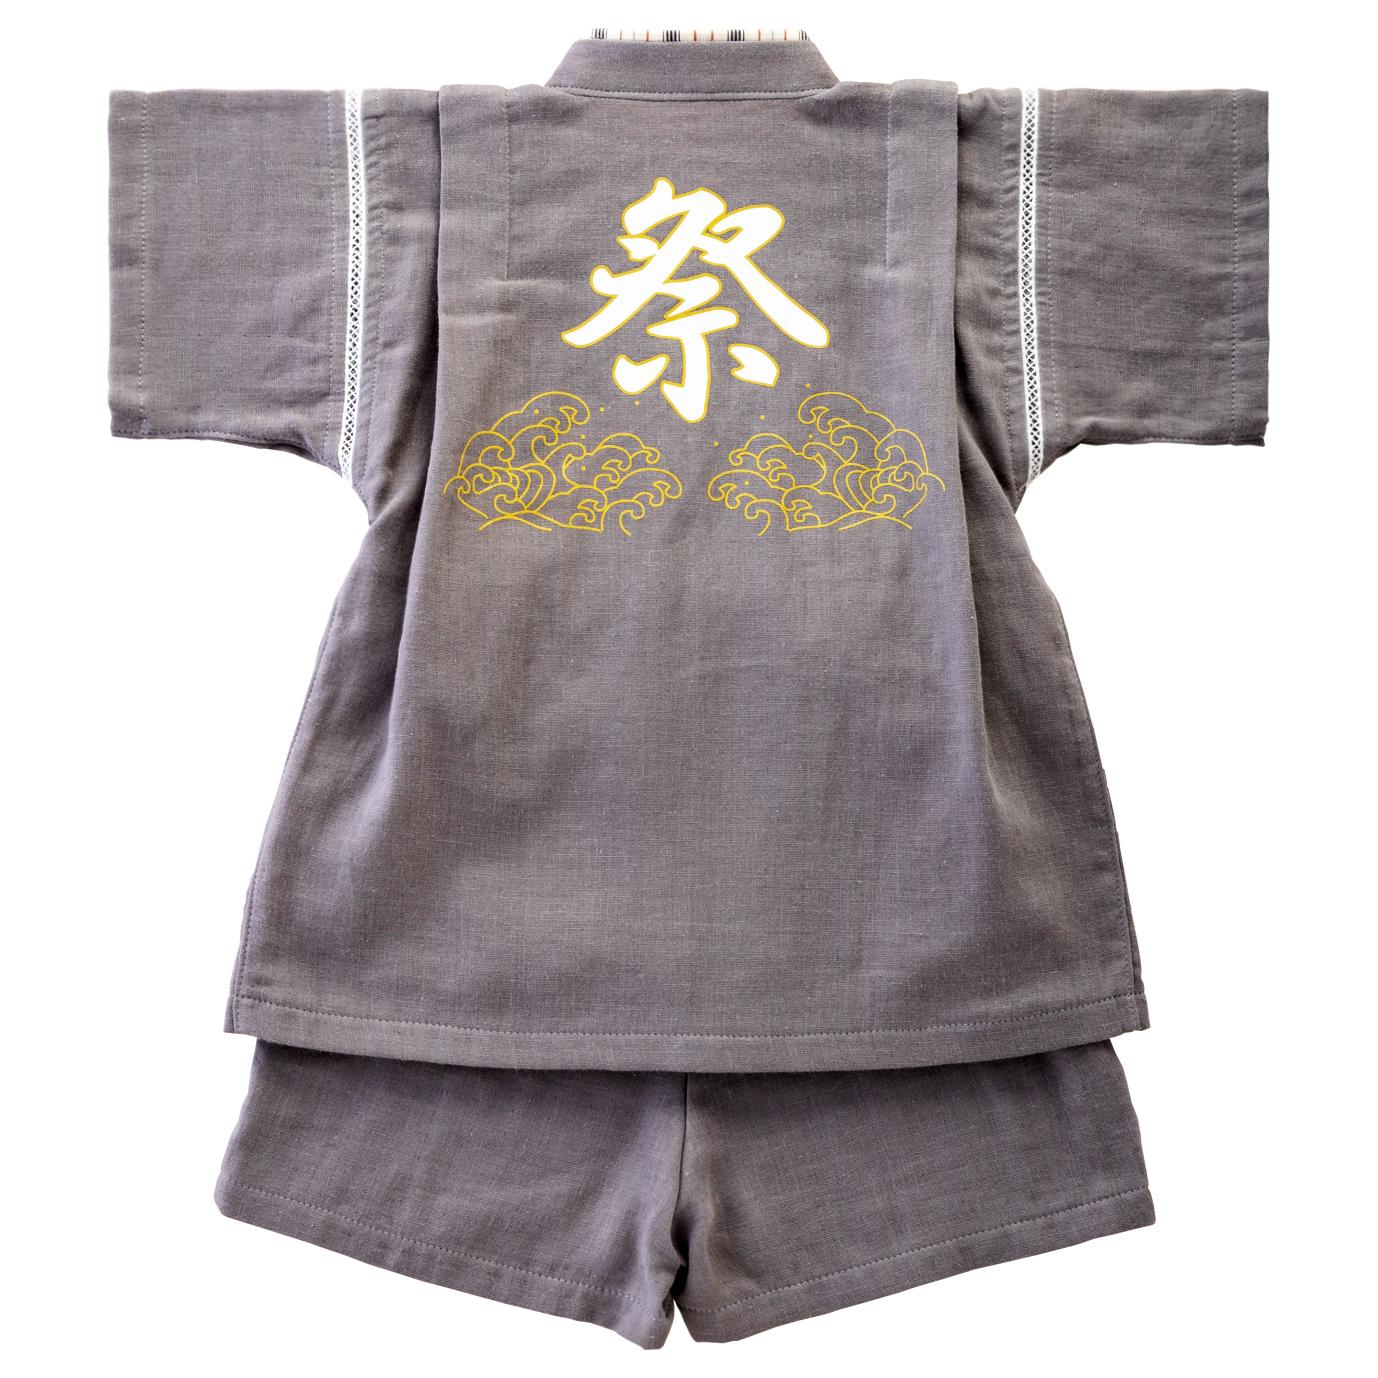 和晒し 祭 / 甚平